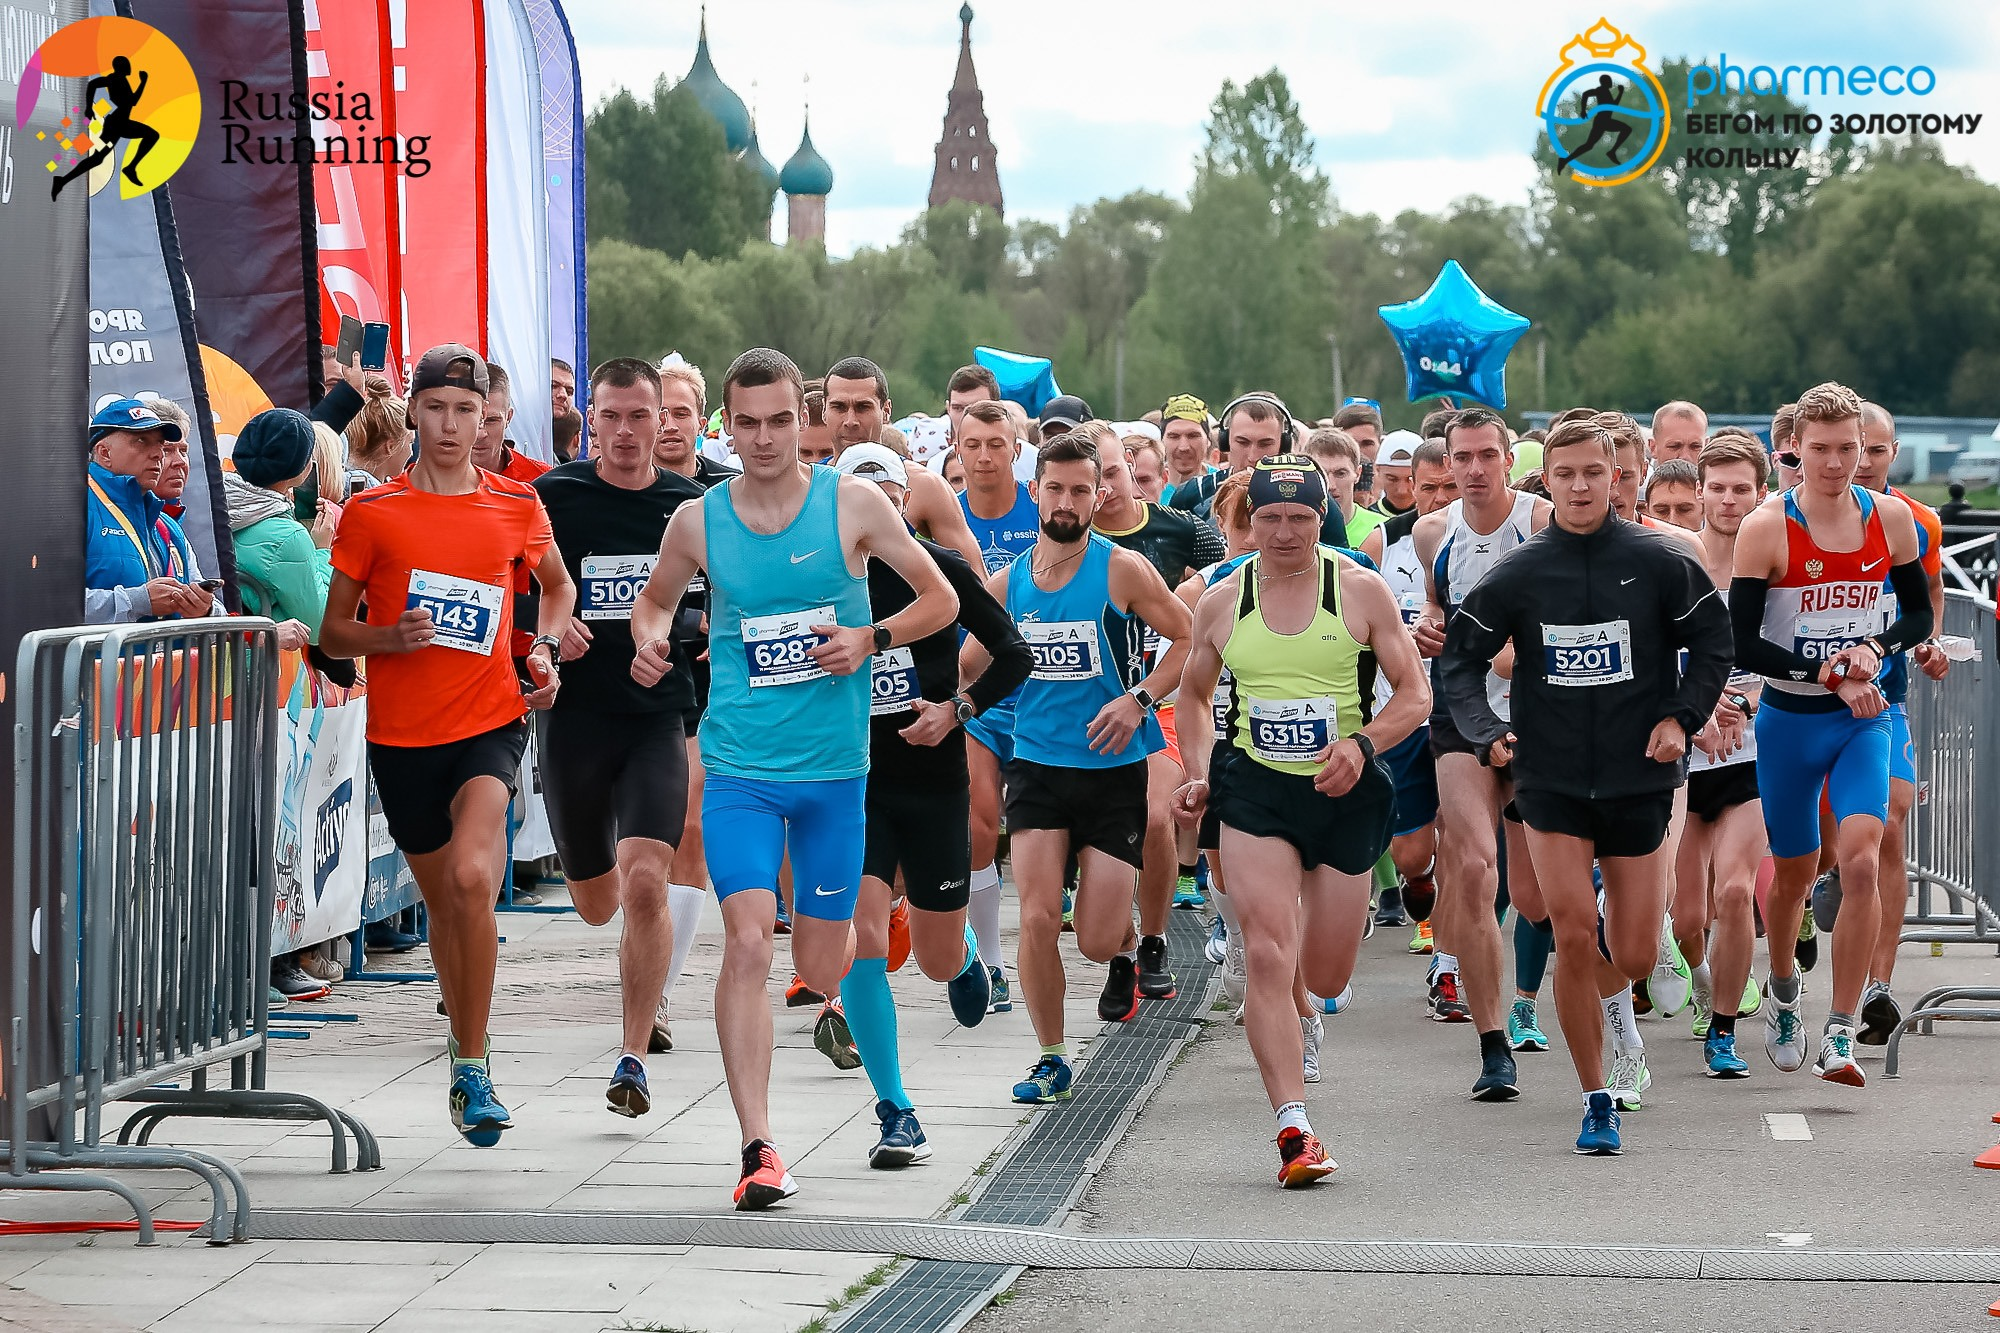 100-летний бегун и новые рекорды: в Ярославле подвели итоги проекта «Бегом по Золотому кольцу»